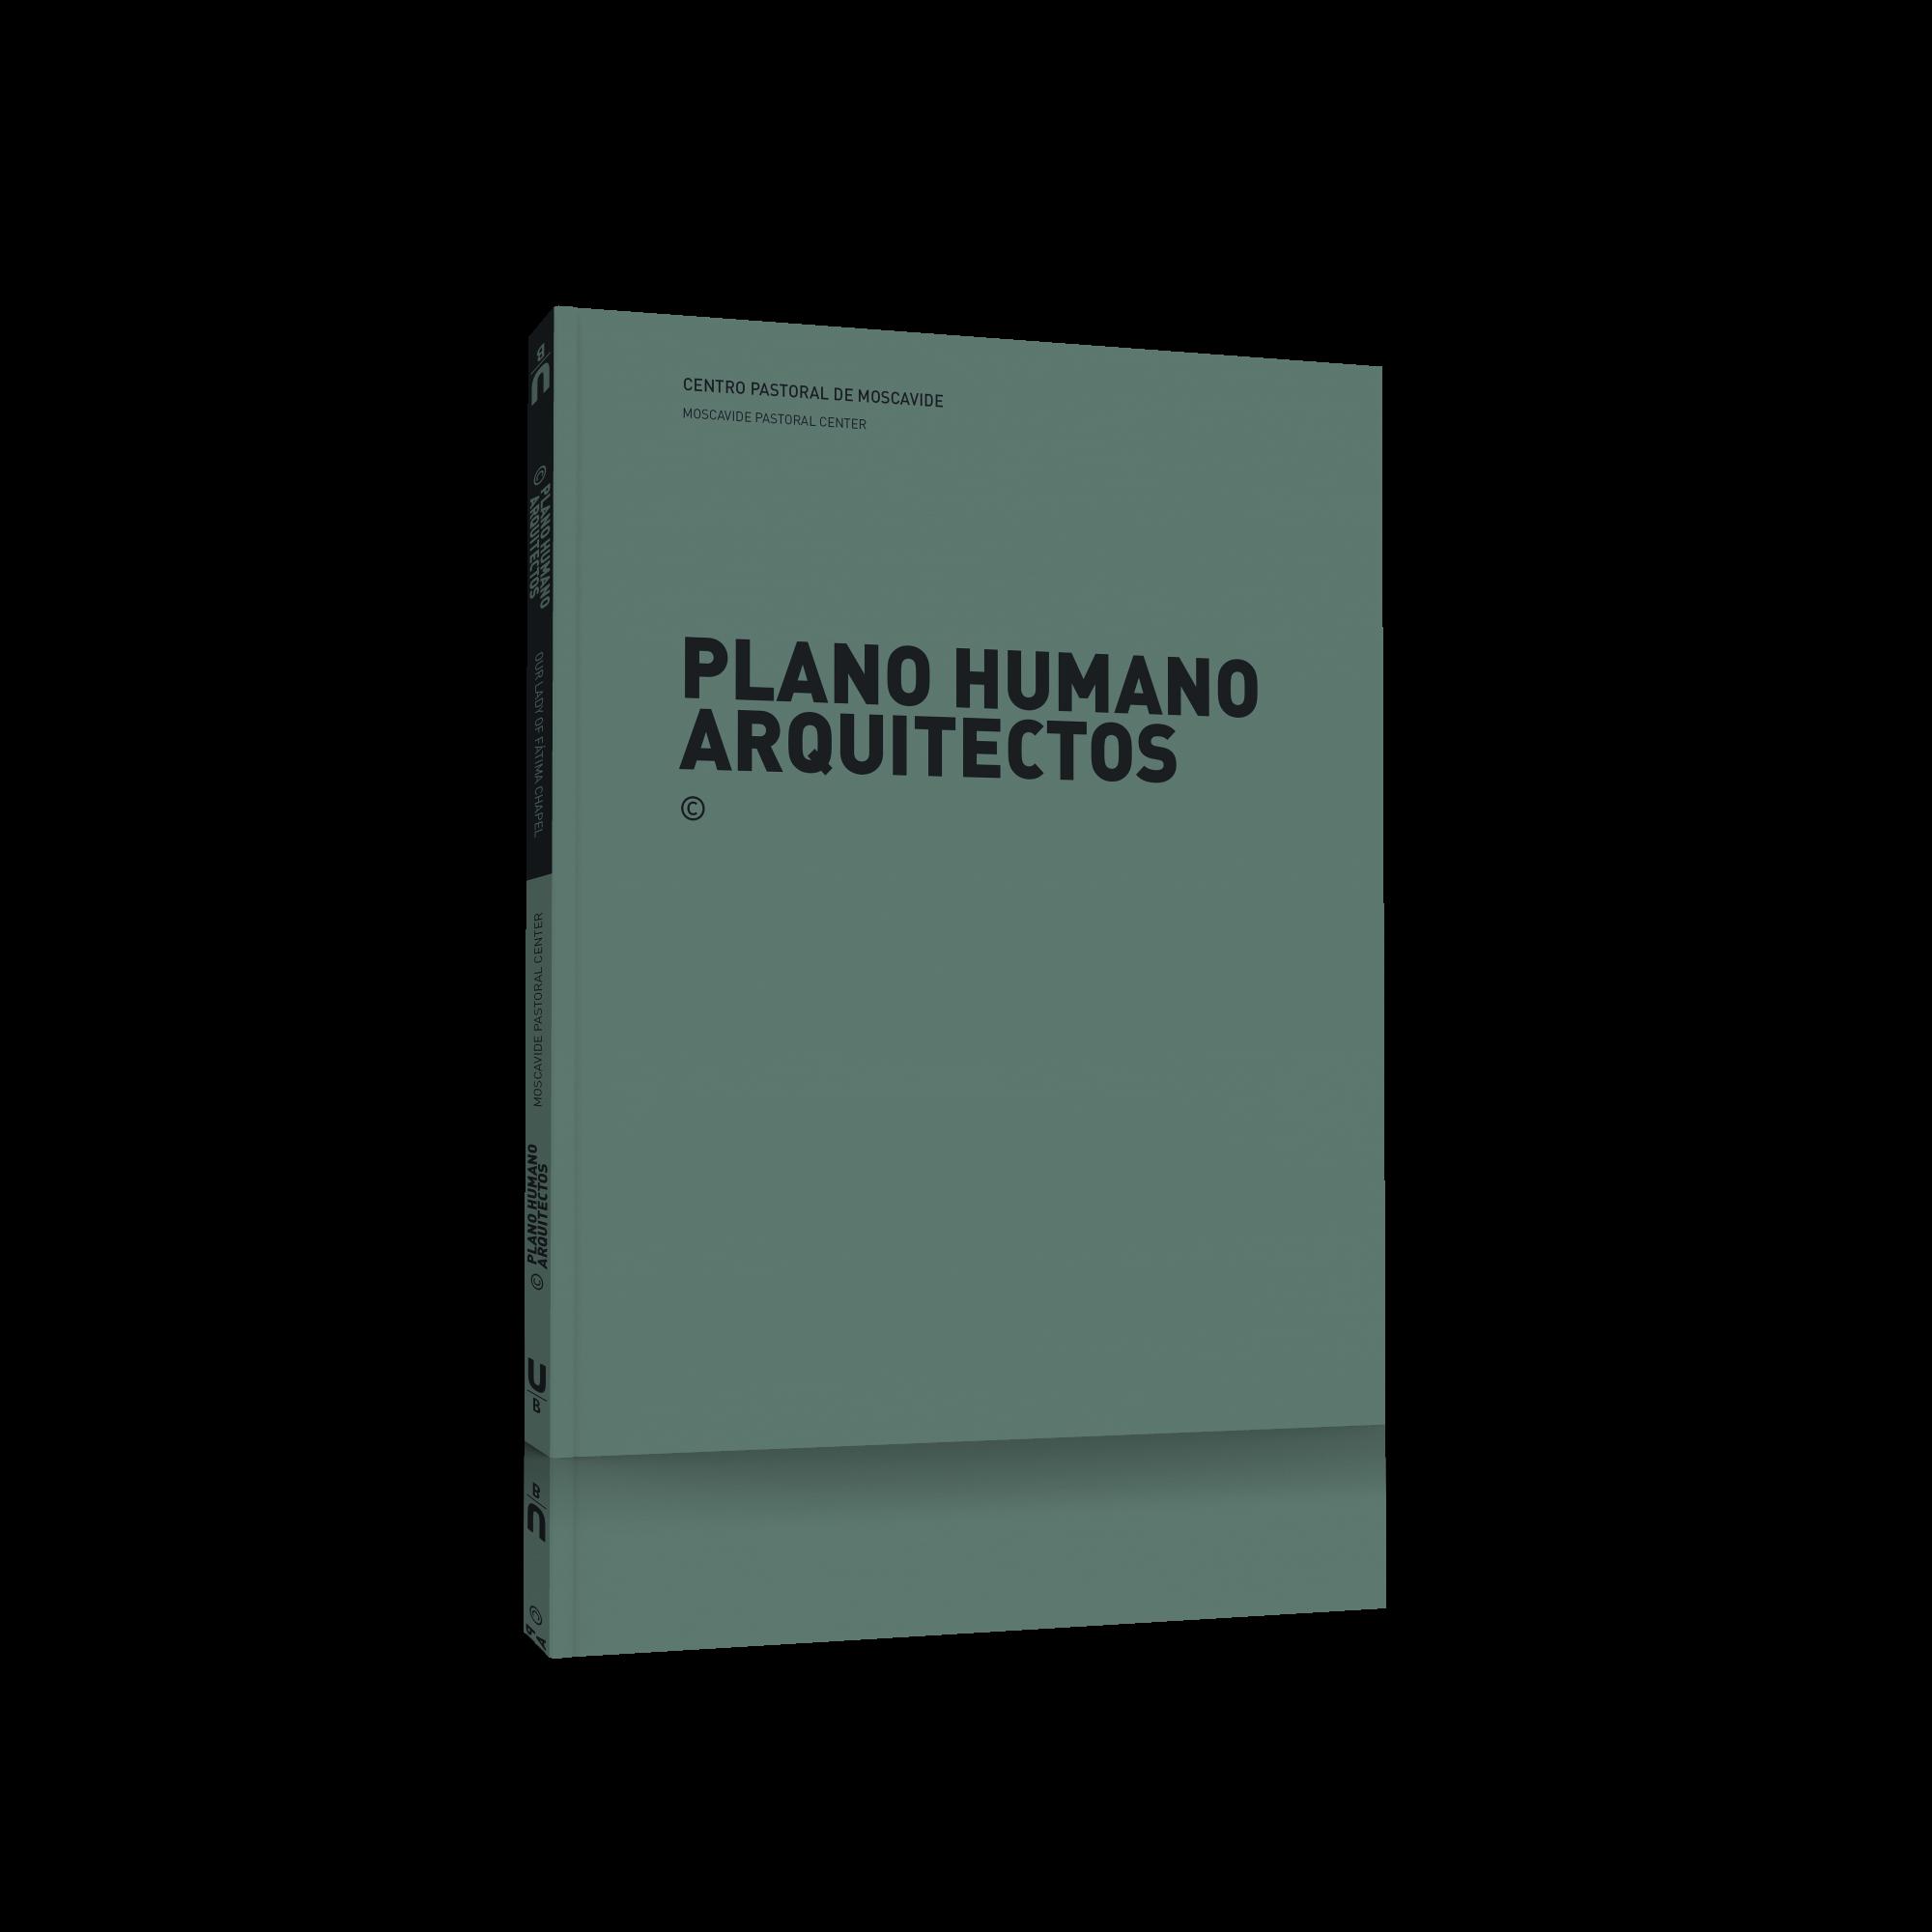 Plano Humano I Capela de Nossa Senhora de Fátima/ Centro Pastoral de Moscavide